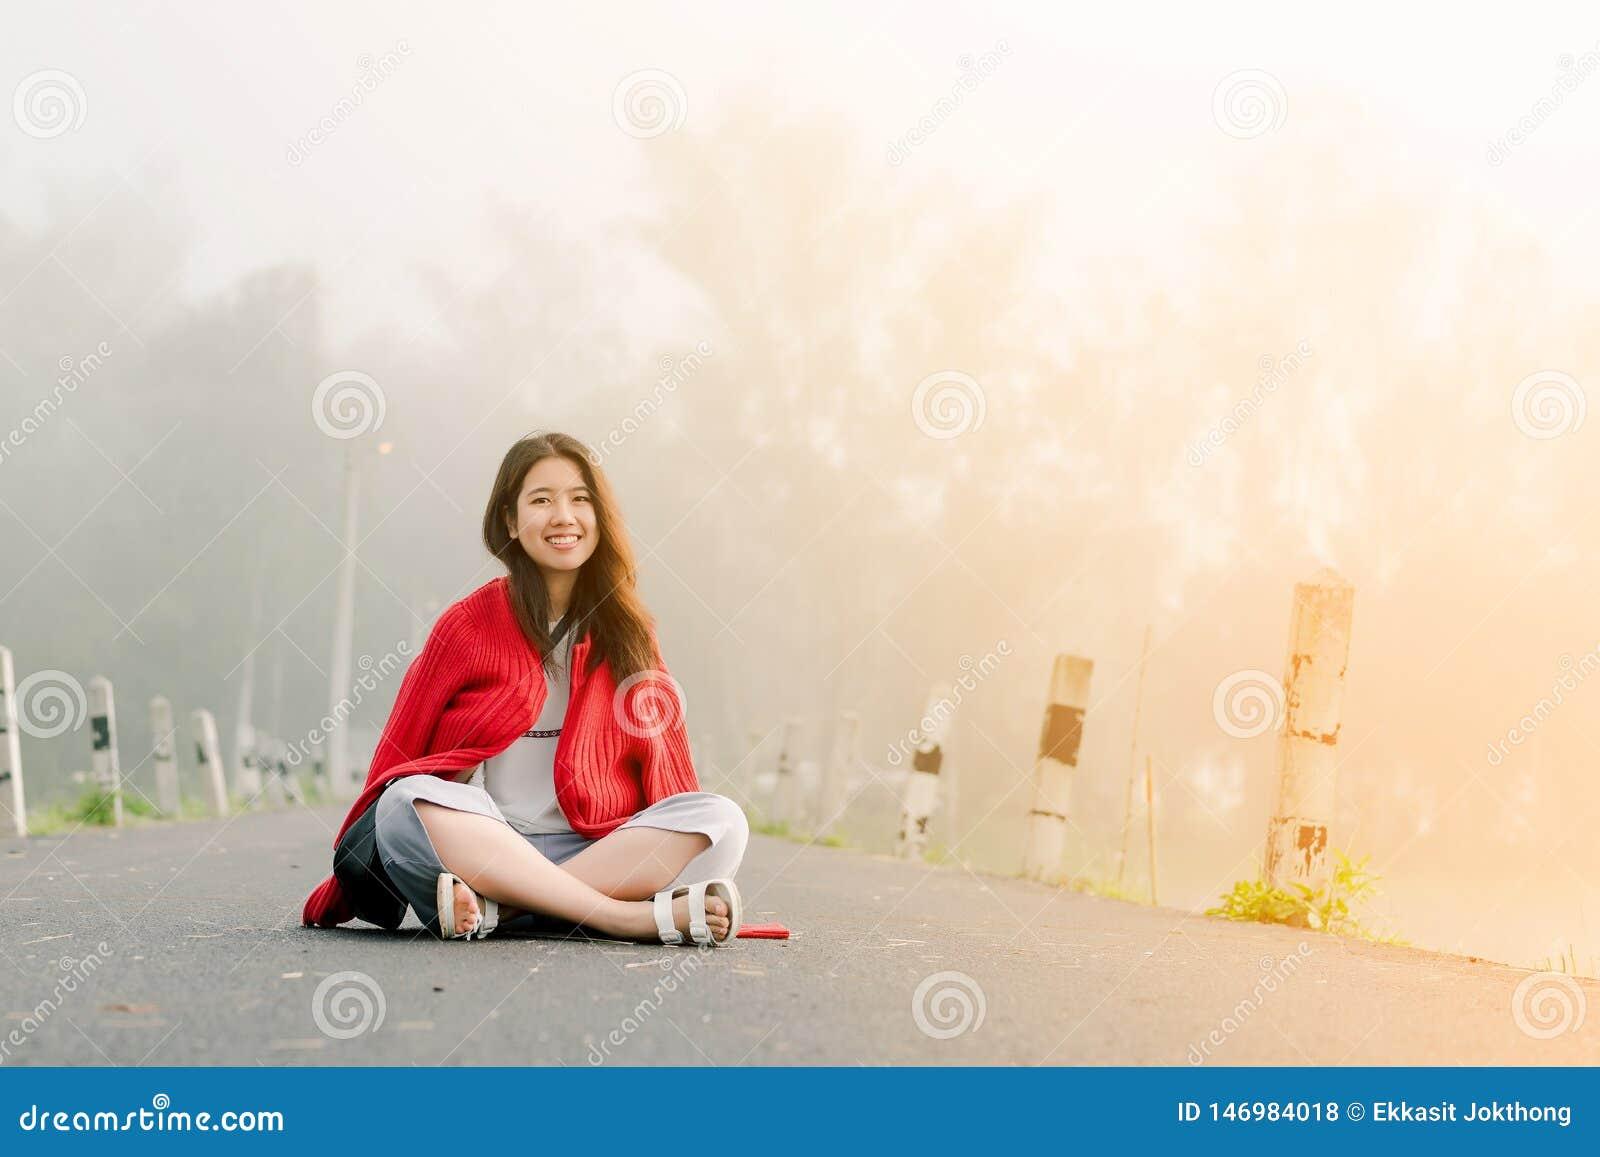 穿一件红色毛线衣的亚裔少年坐在路中间由在早晨薄雾和早晨阳光的水库